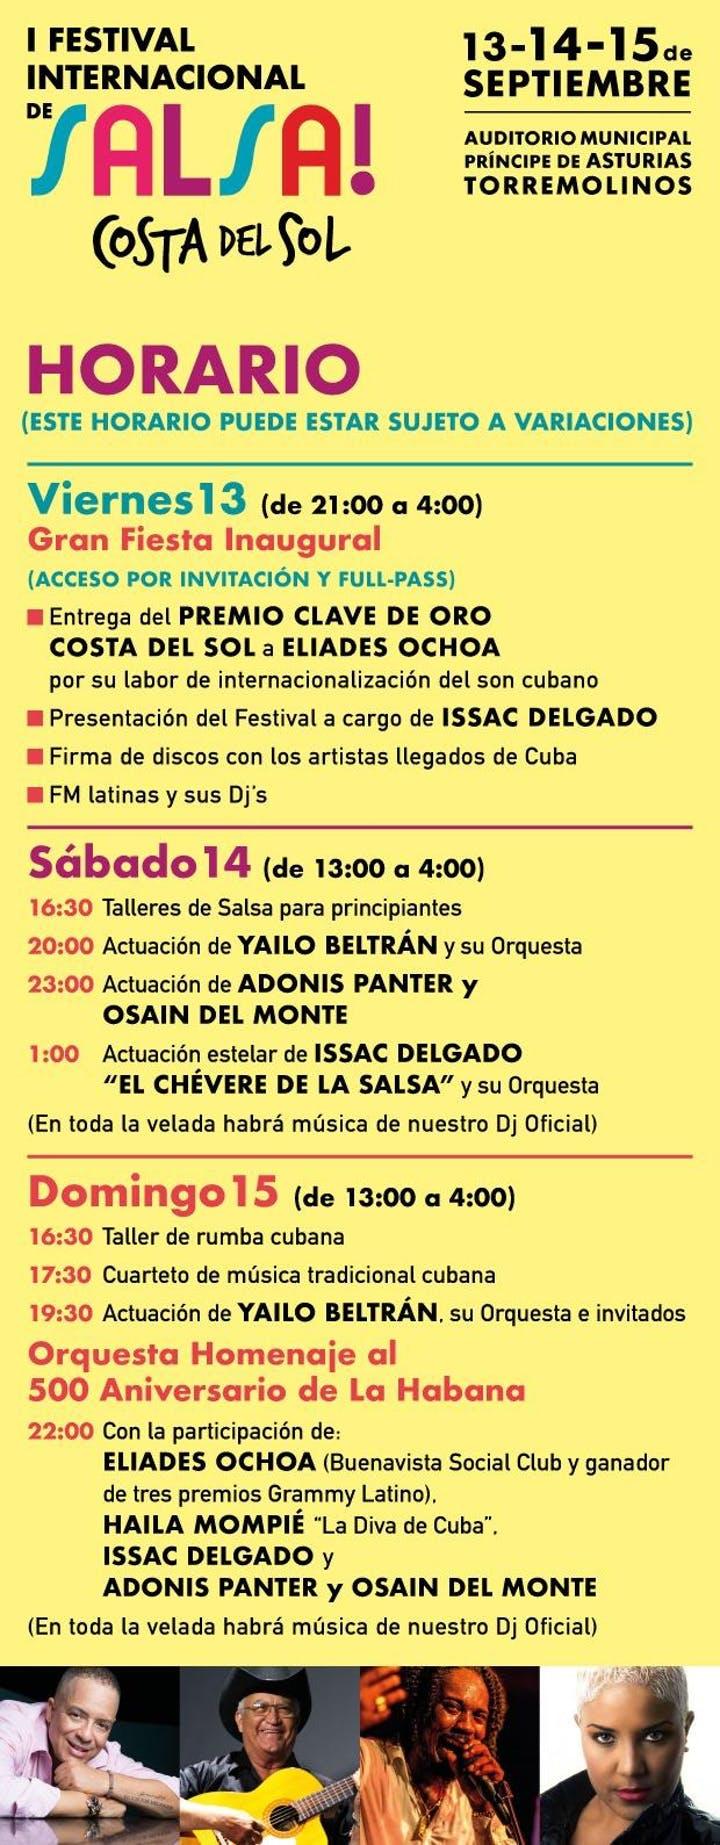 Torremolinos -Festival Internacional de Salsa Costa del Sol 2